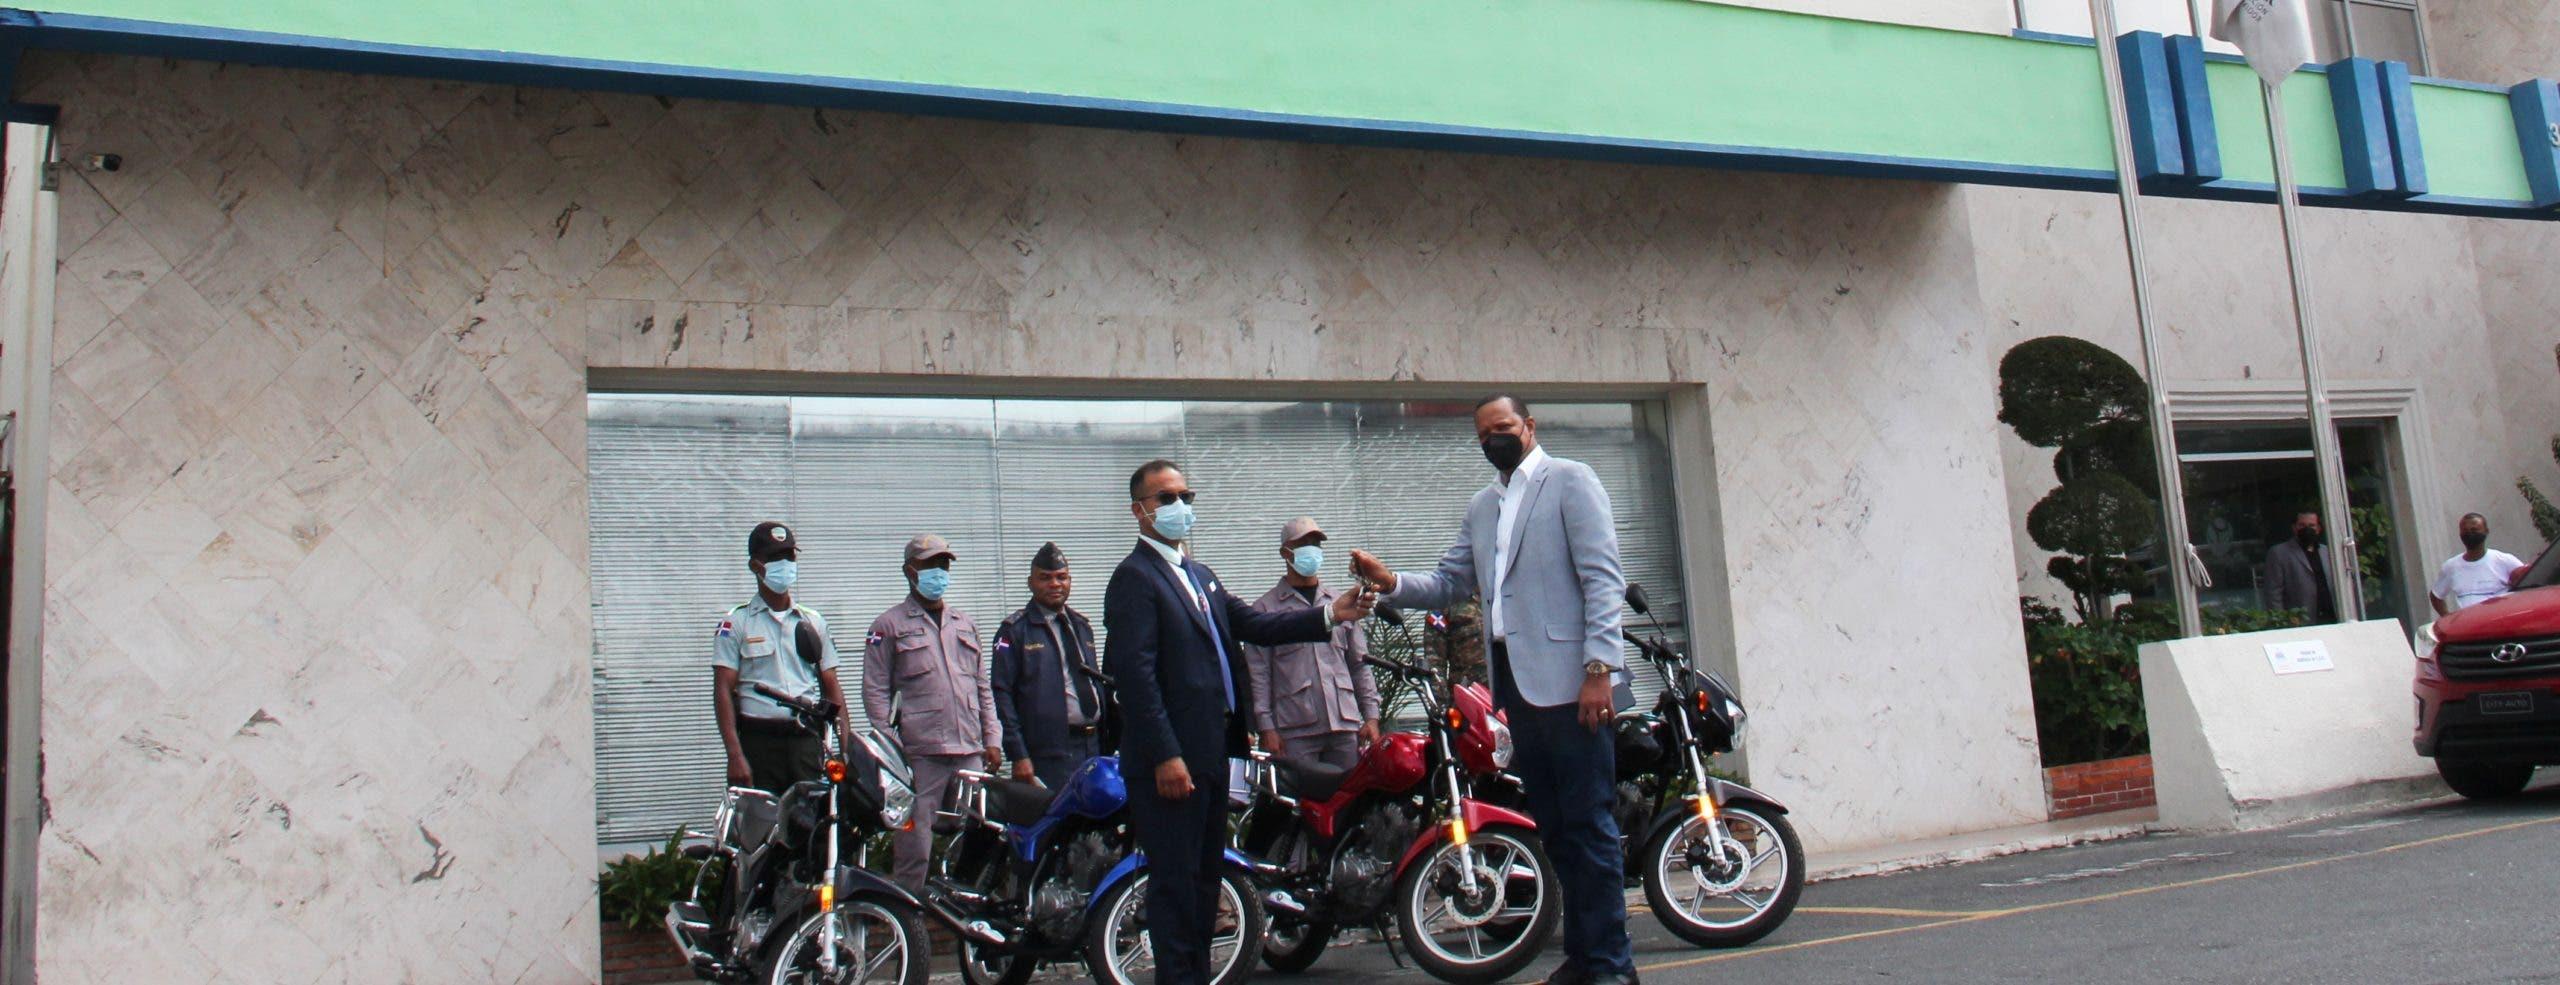 Director de ProConsumidor dona su sueldo para comprar motocicletas necesita institución